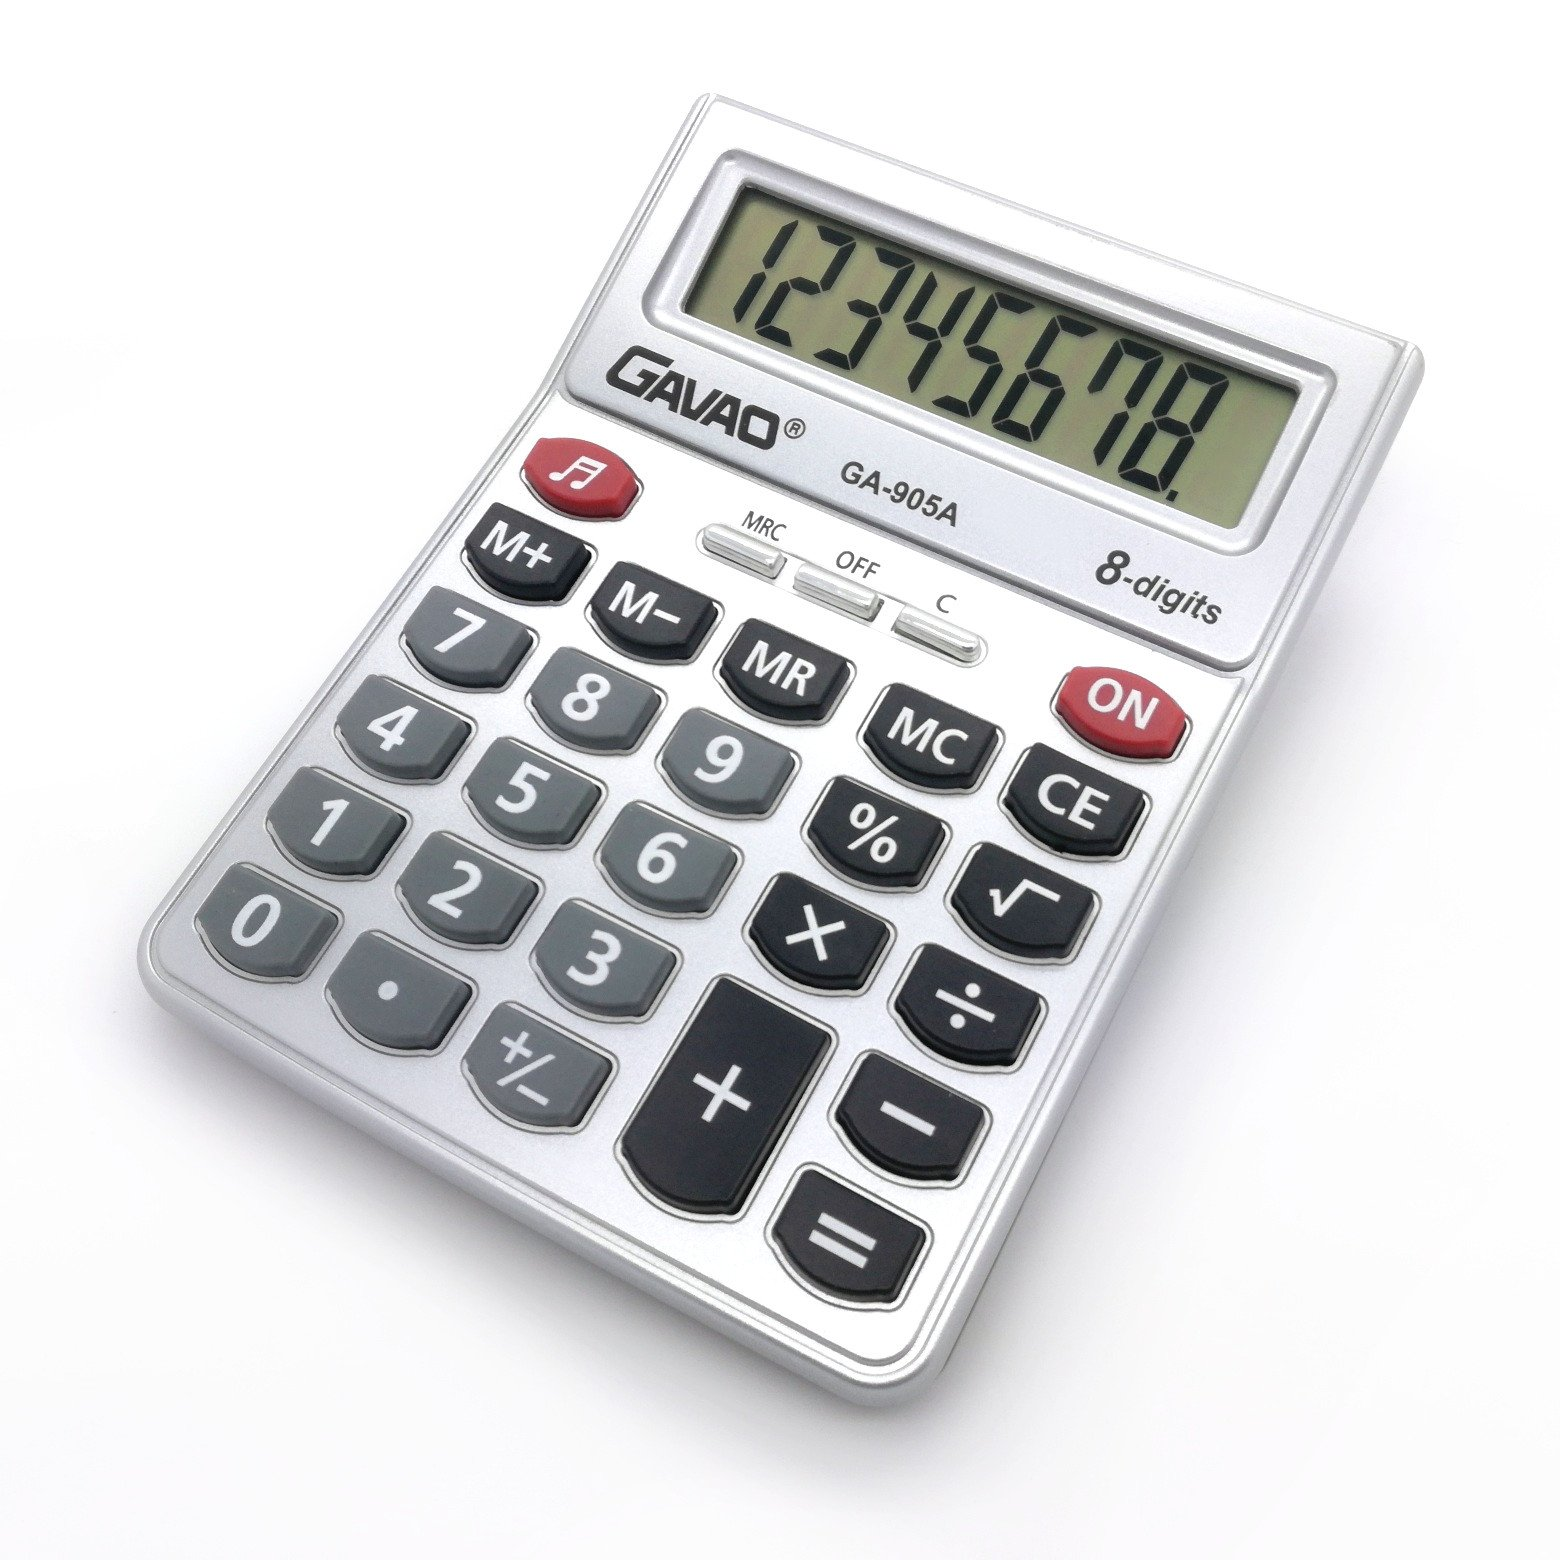 LCD calculadora 8 dígitos pantalla mesa calculadora Calculadora ...